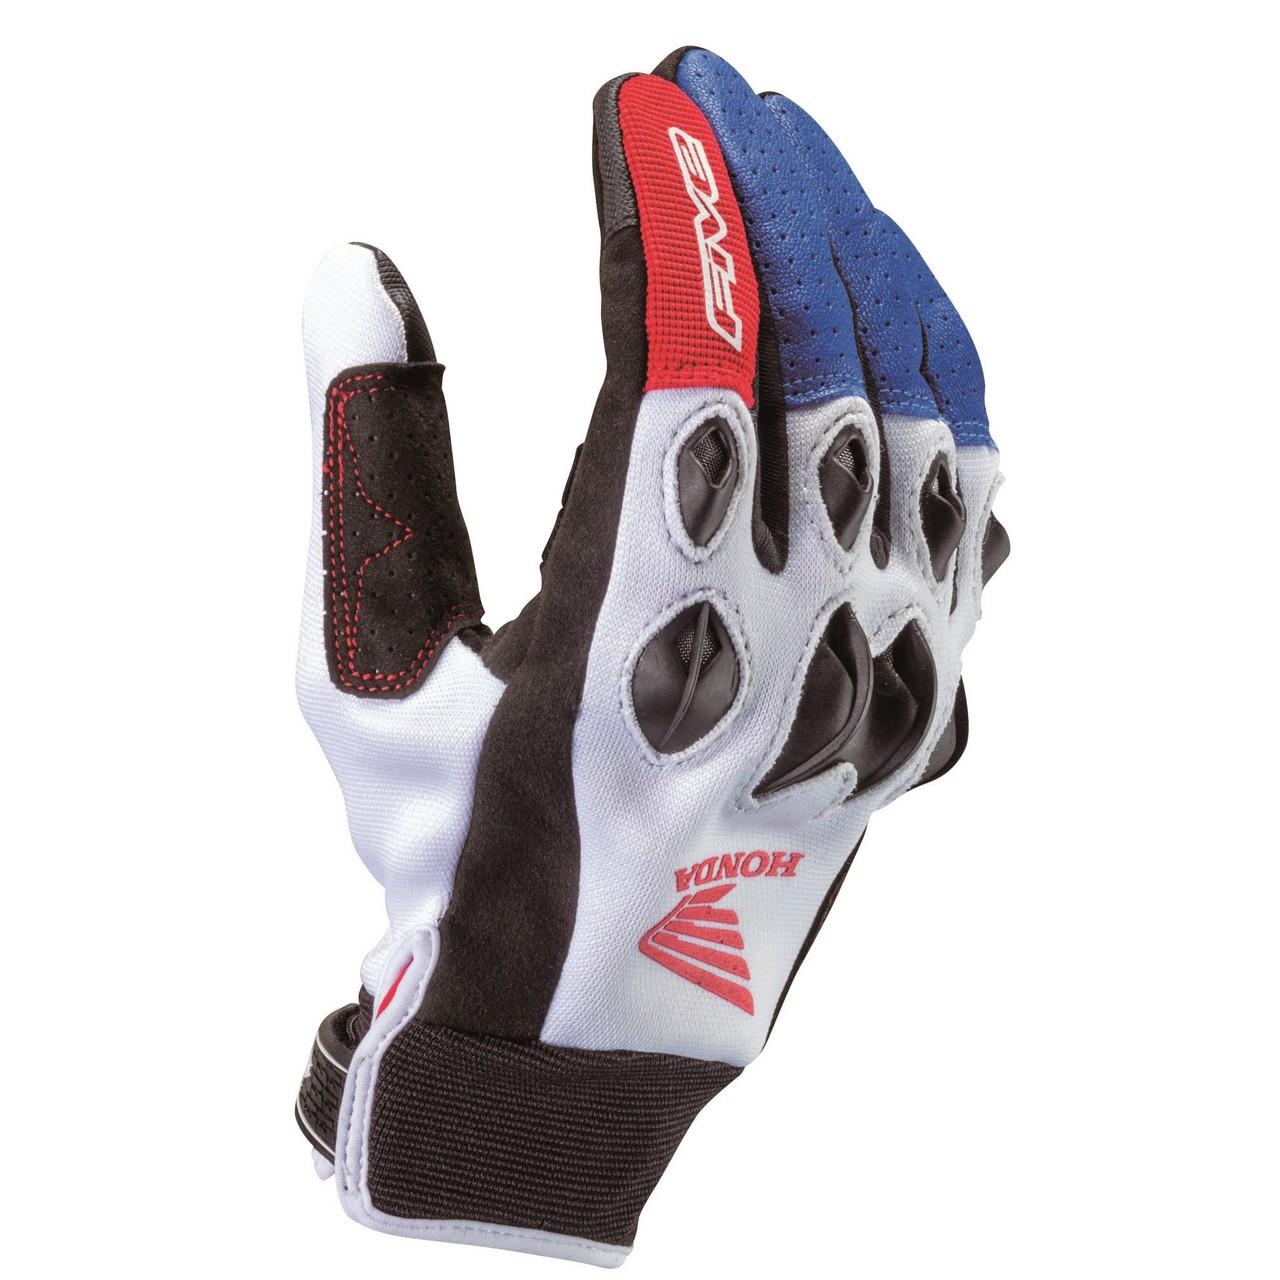 [HONDAxFIVE] STUNT LITE Gloves